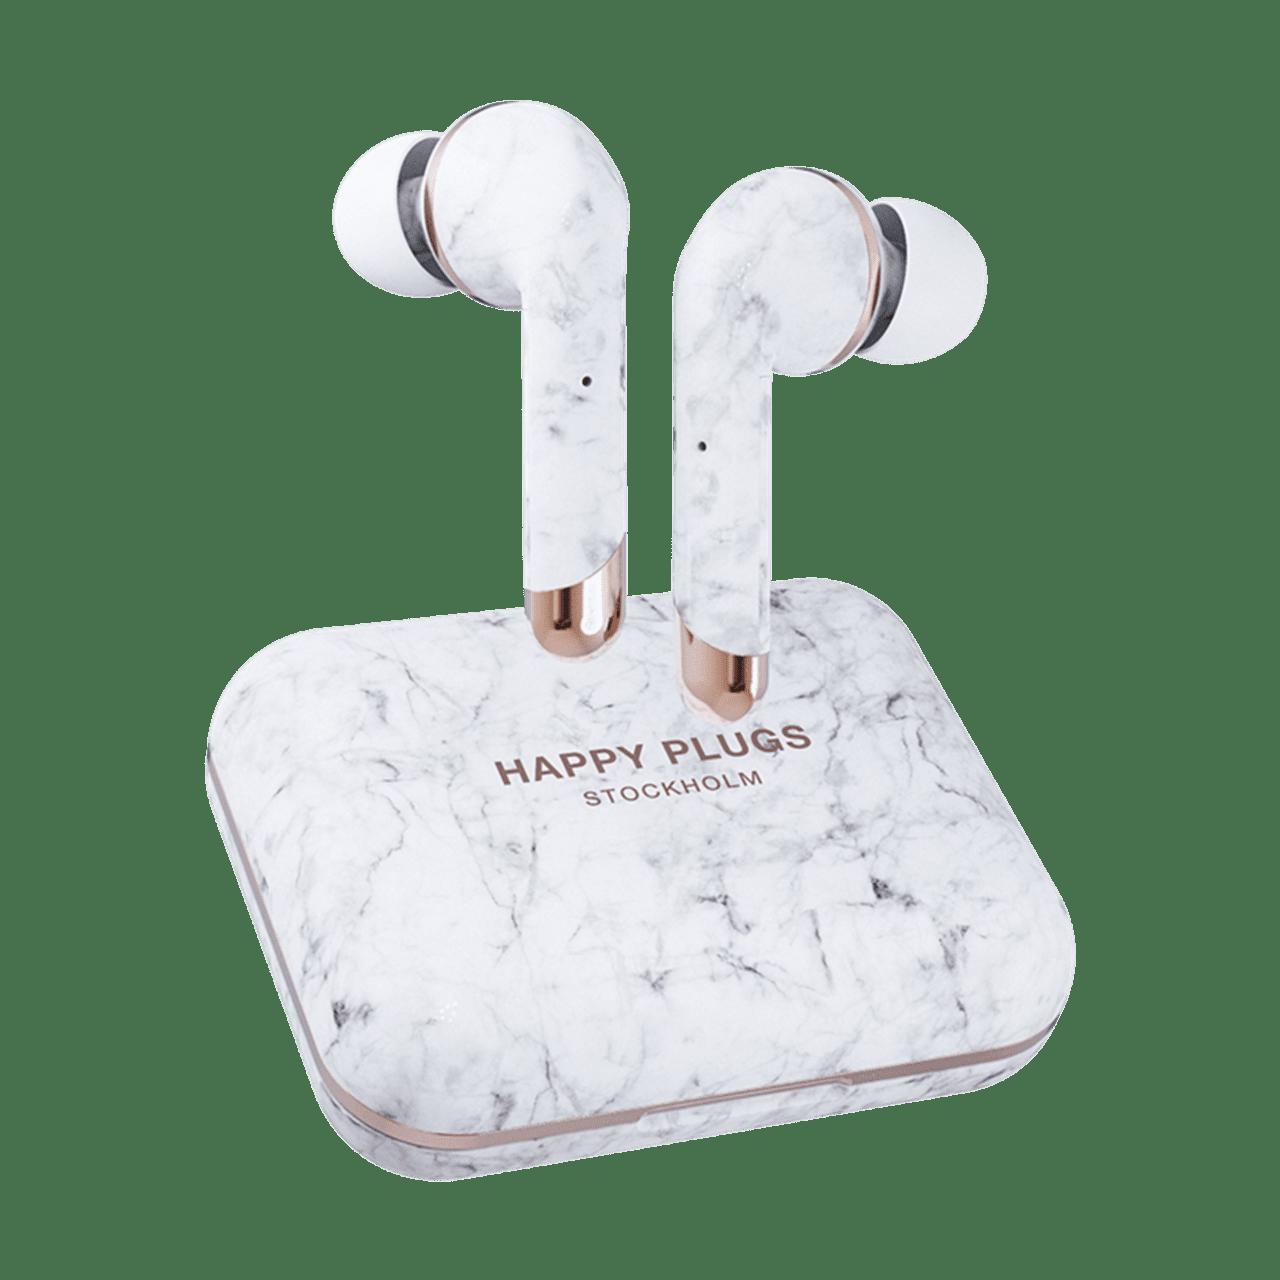 Happy Plugs Air1 Plus White Marble In Ear True Wireless Bluetooth Earphones - 1